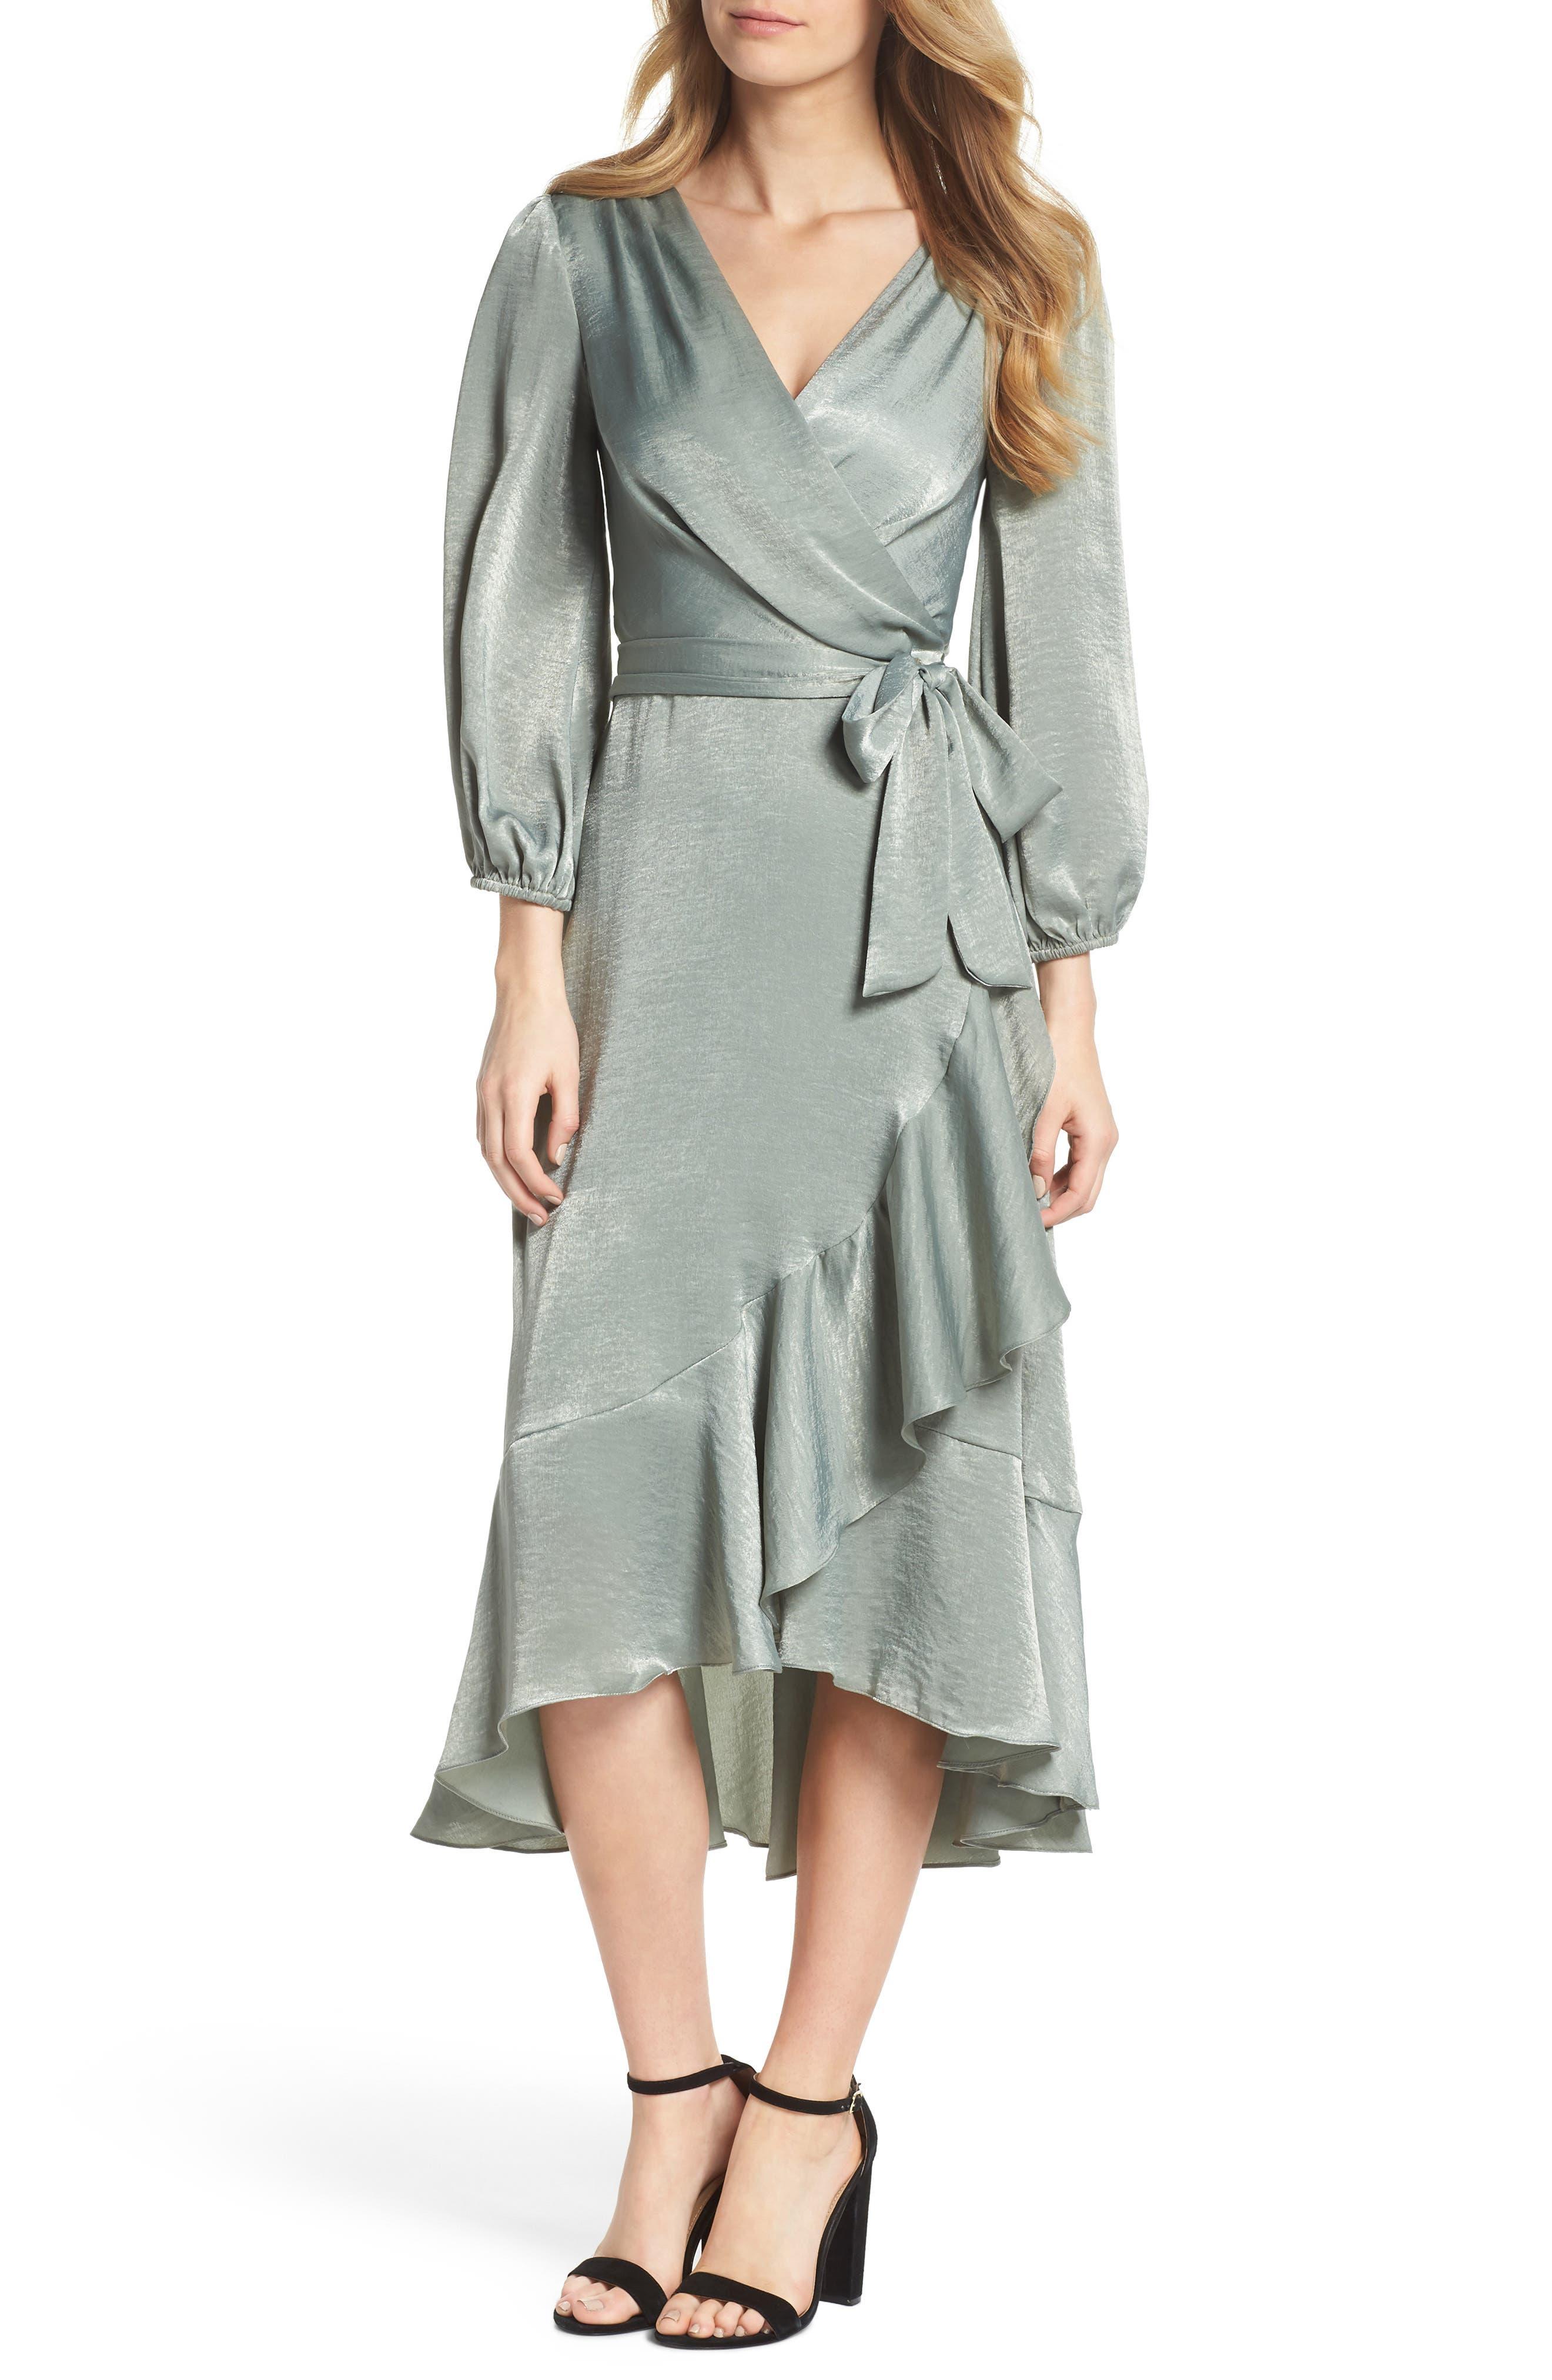 Jennifer Shimmer Satin Wrap Dress,                             Main thumbnail 1, color,                             321